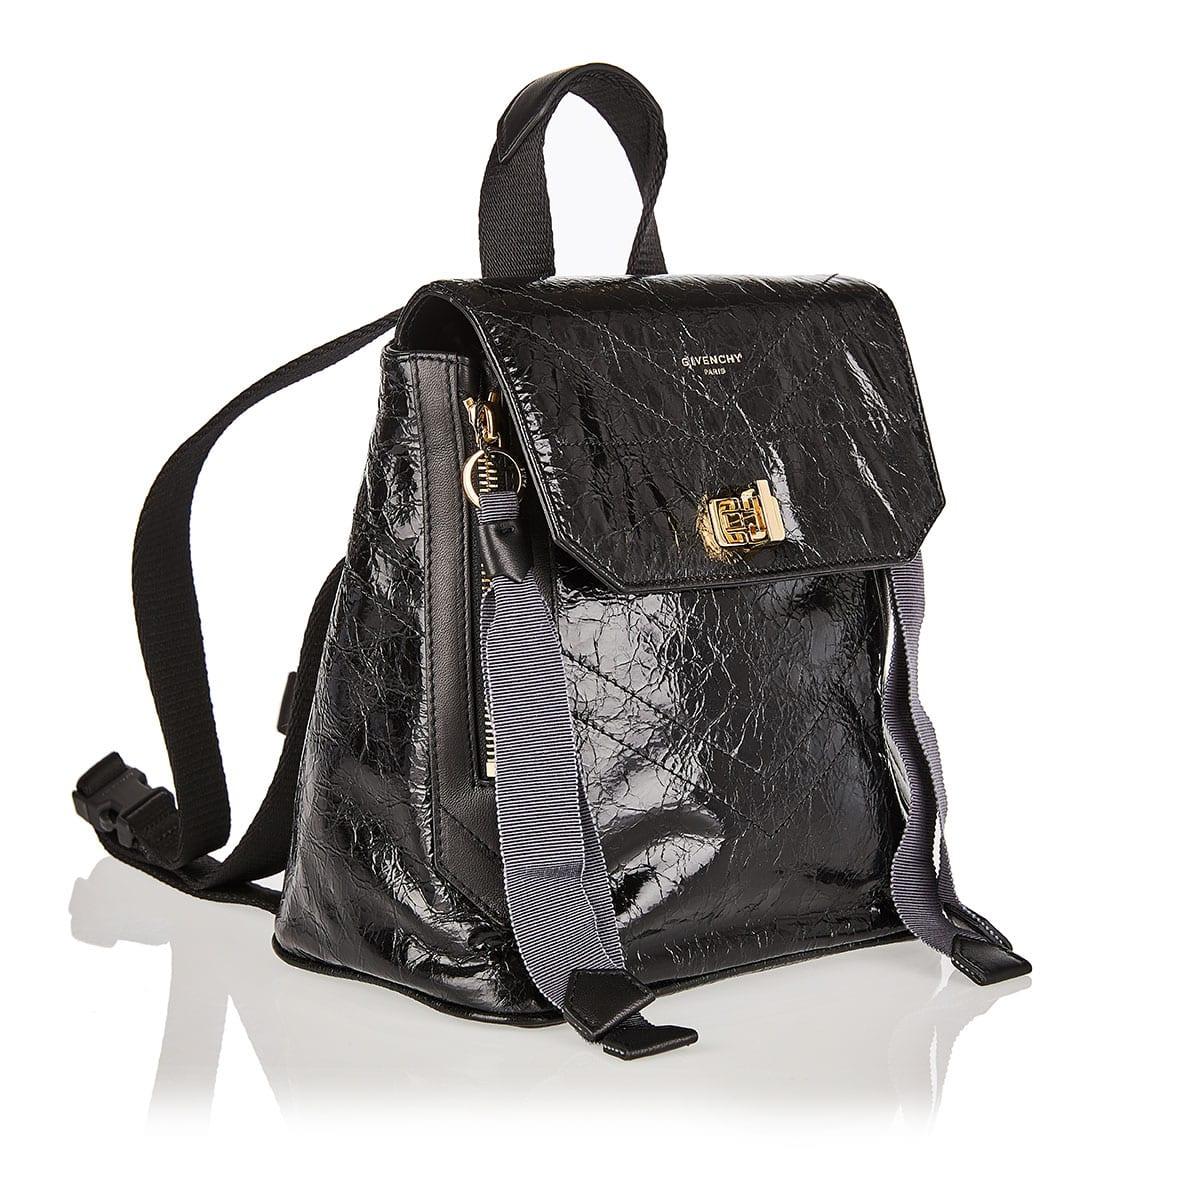 ID mini leather backpack